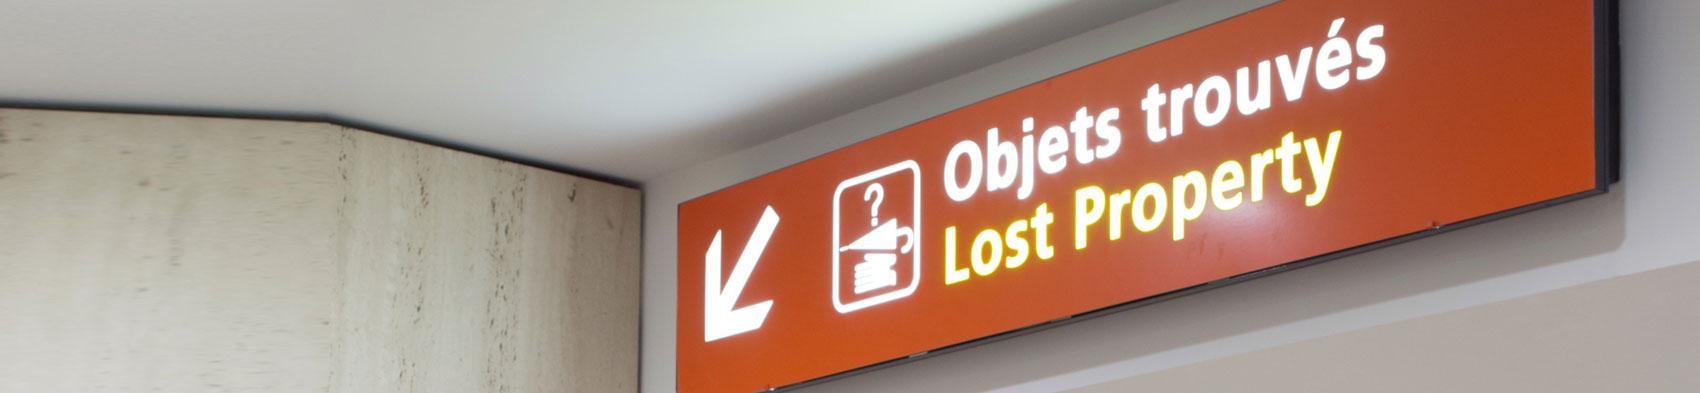 service des objets trouvés à paris-cdg et paris-orly | paris aéroport